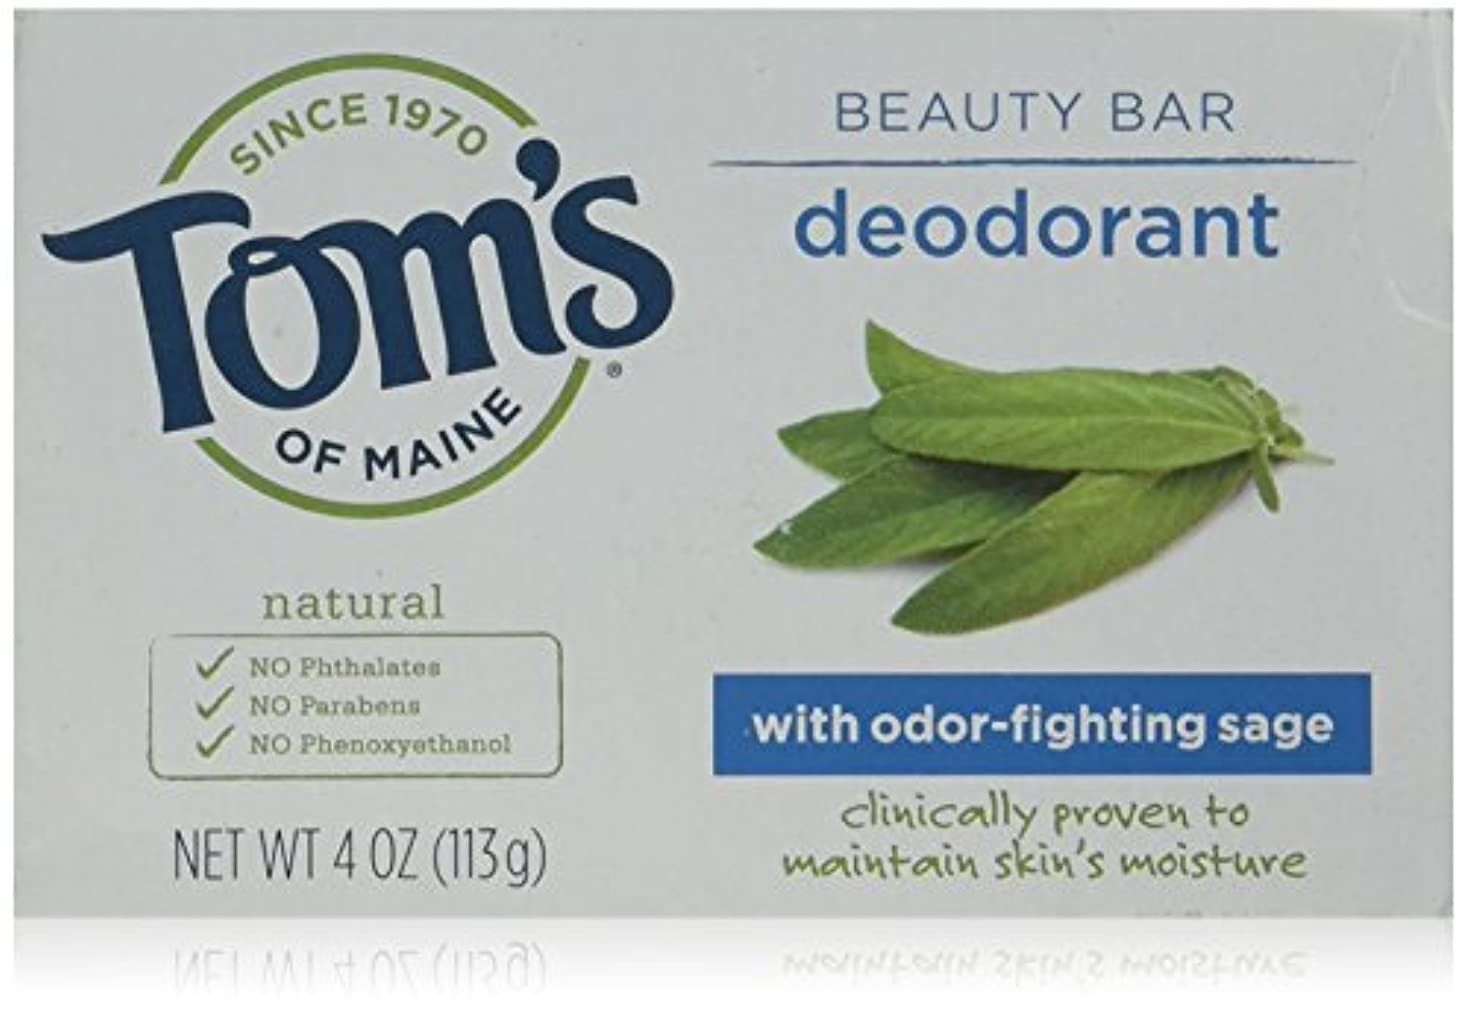 すり減る湿った生き残りTom's of Maine Natural Beauty Bar Deodorant Soap ナチュラル ビューティー バー デオドラント ソープ [4oz (113g)] [並行輸入品]